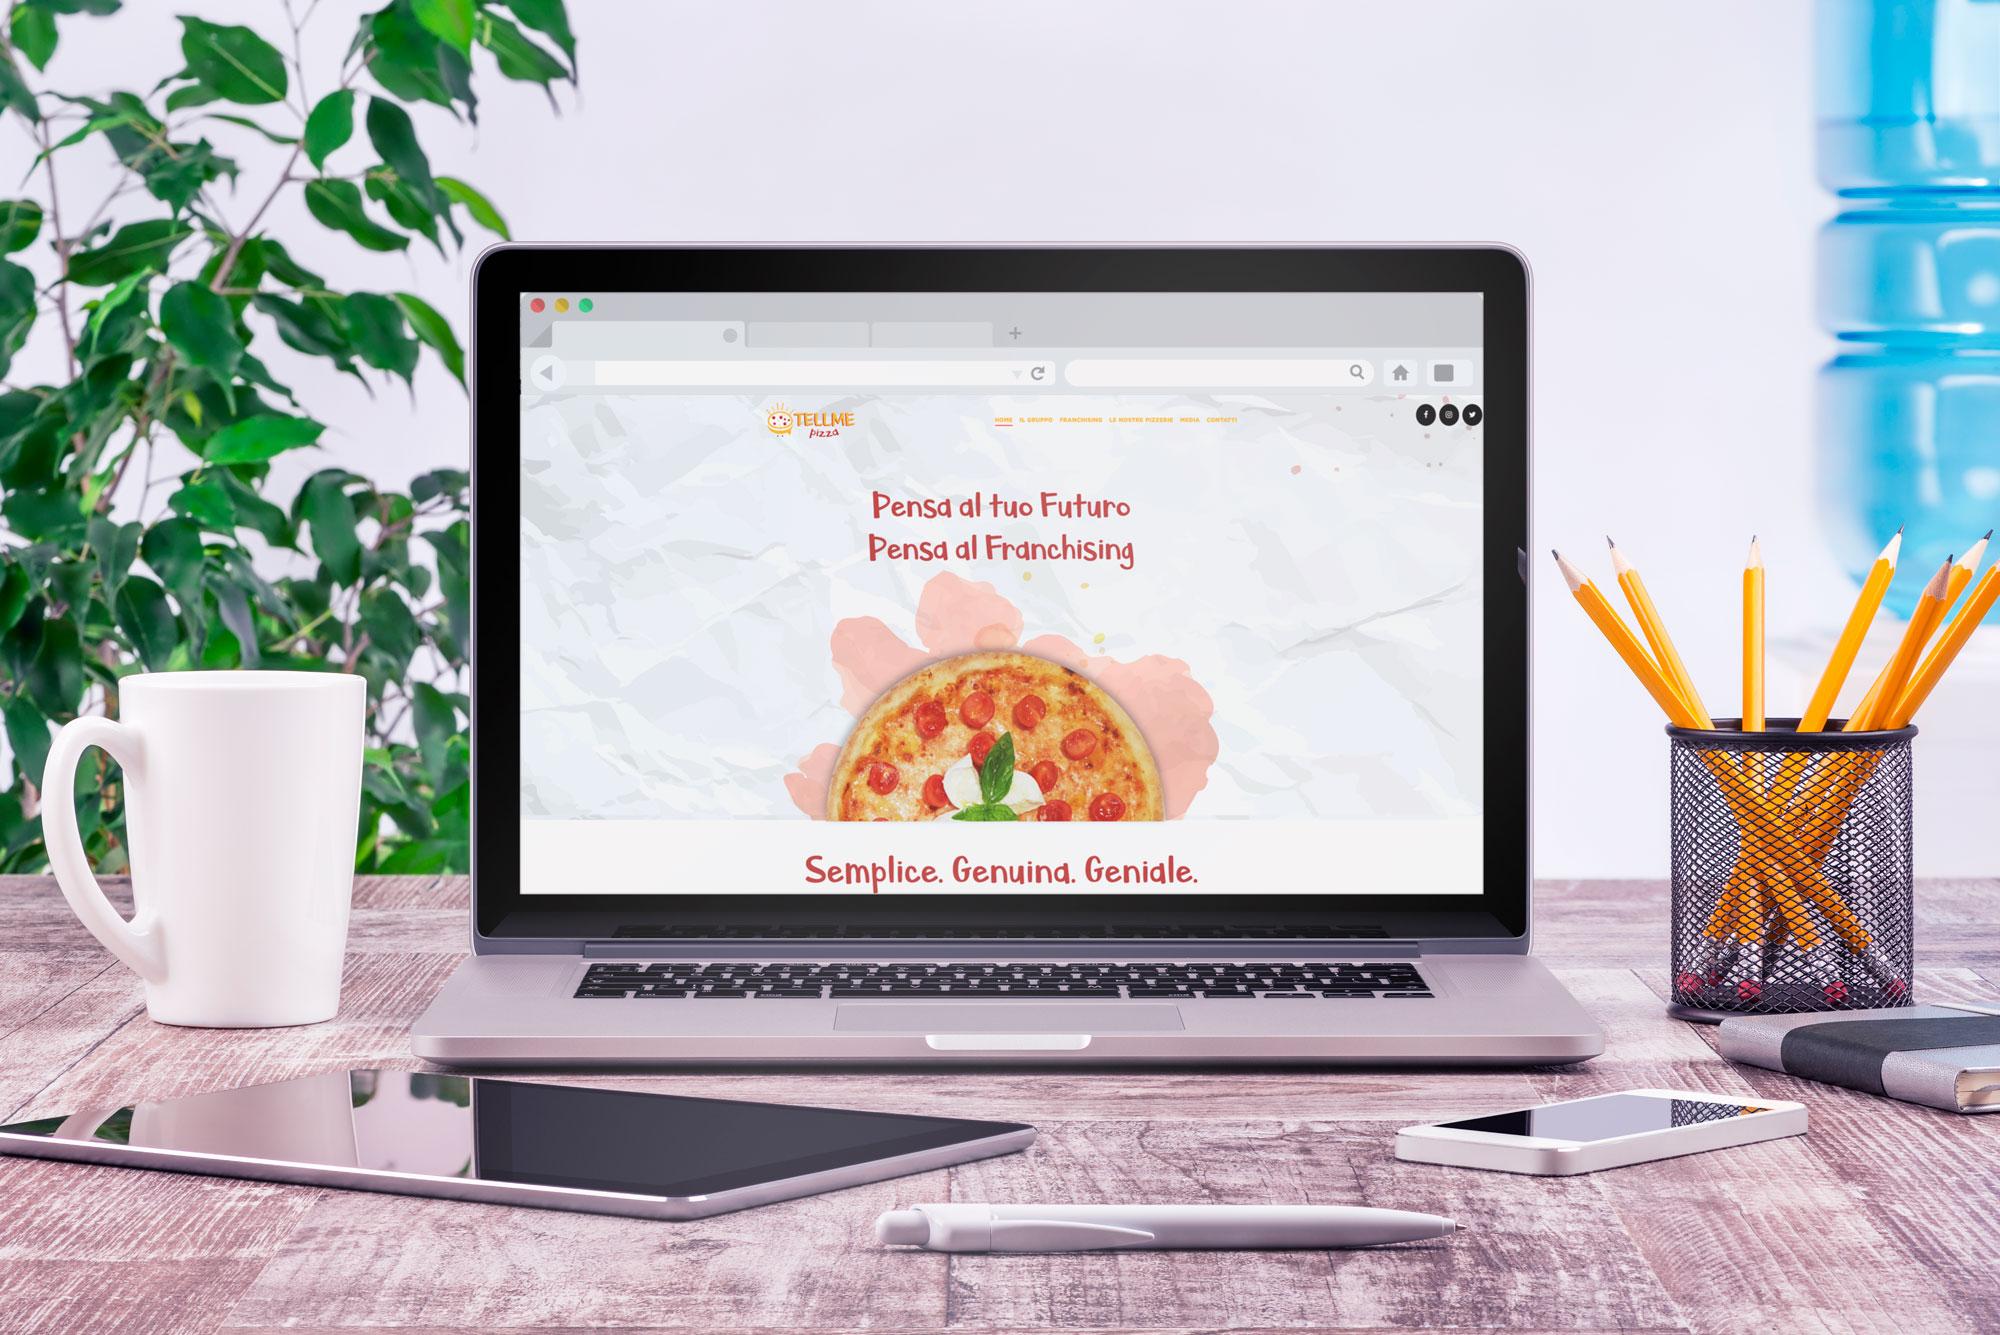 sito web tellme pizza